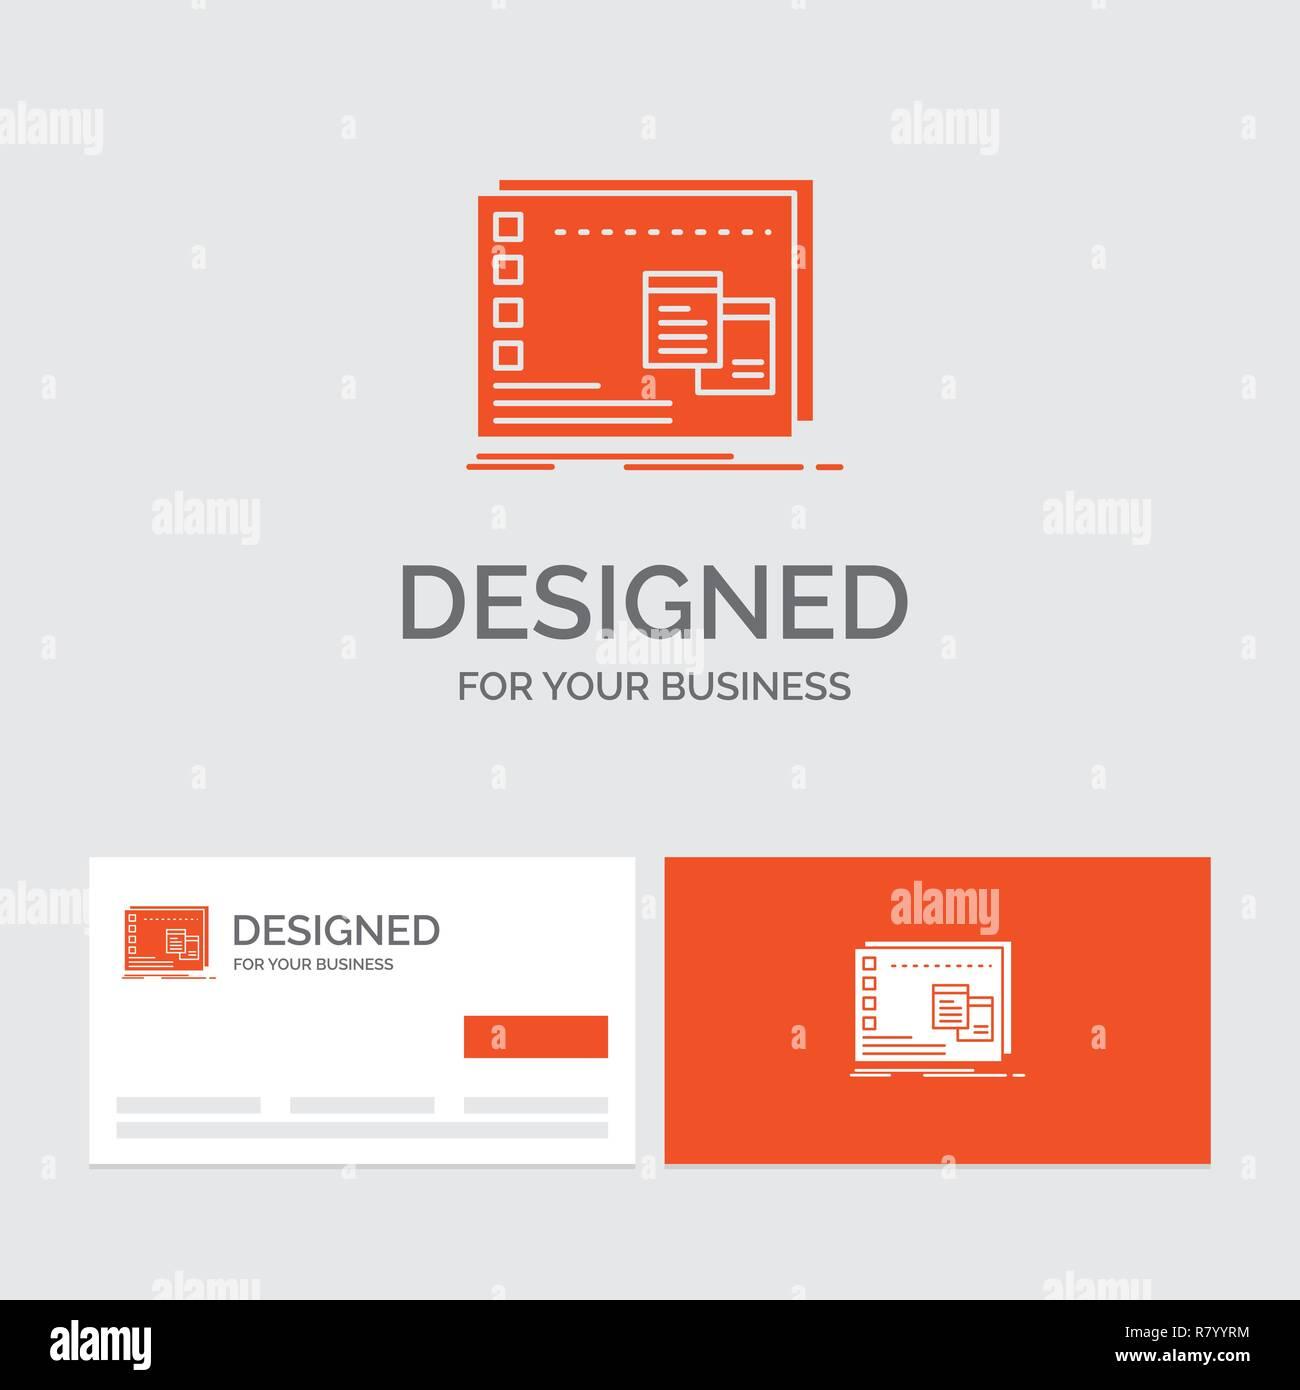 Logo Dentreprise Modele Pour Fenetre Mac Os Operationnel Programme Cartes De Visite Orange Avec Marque